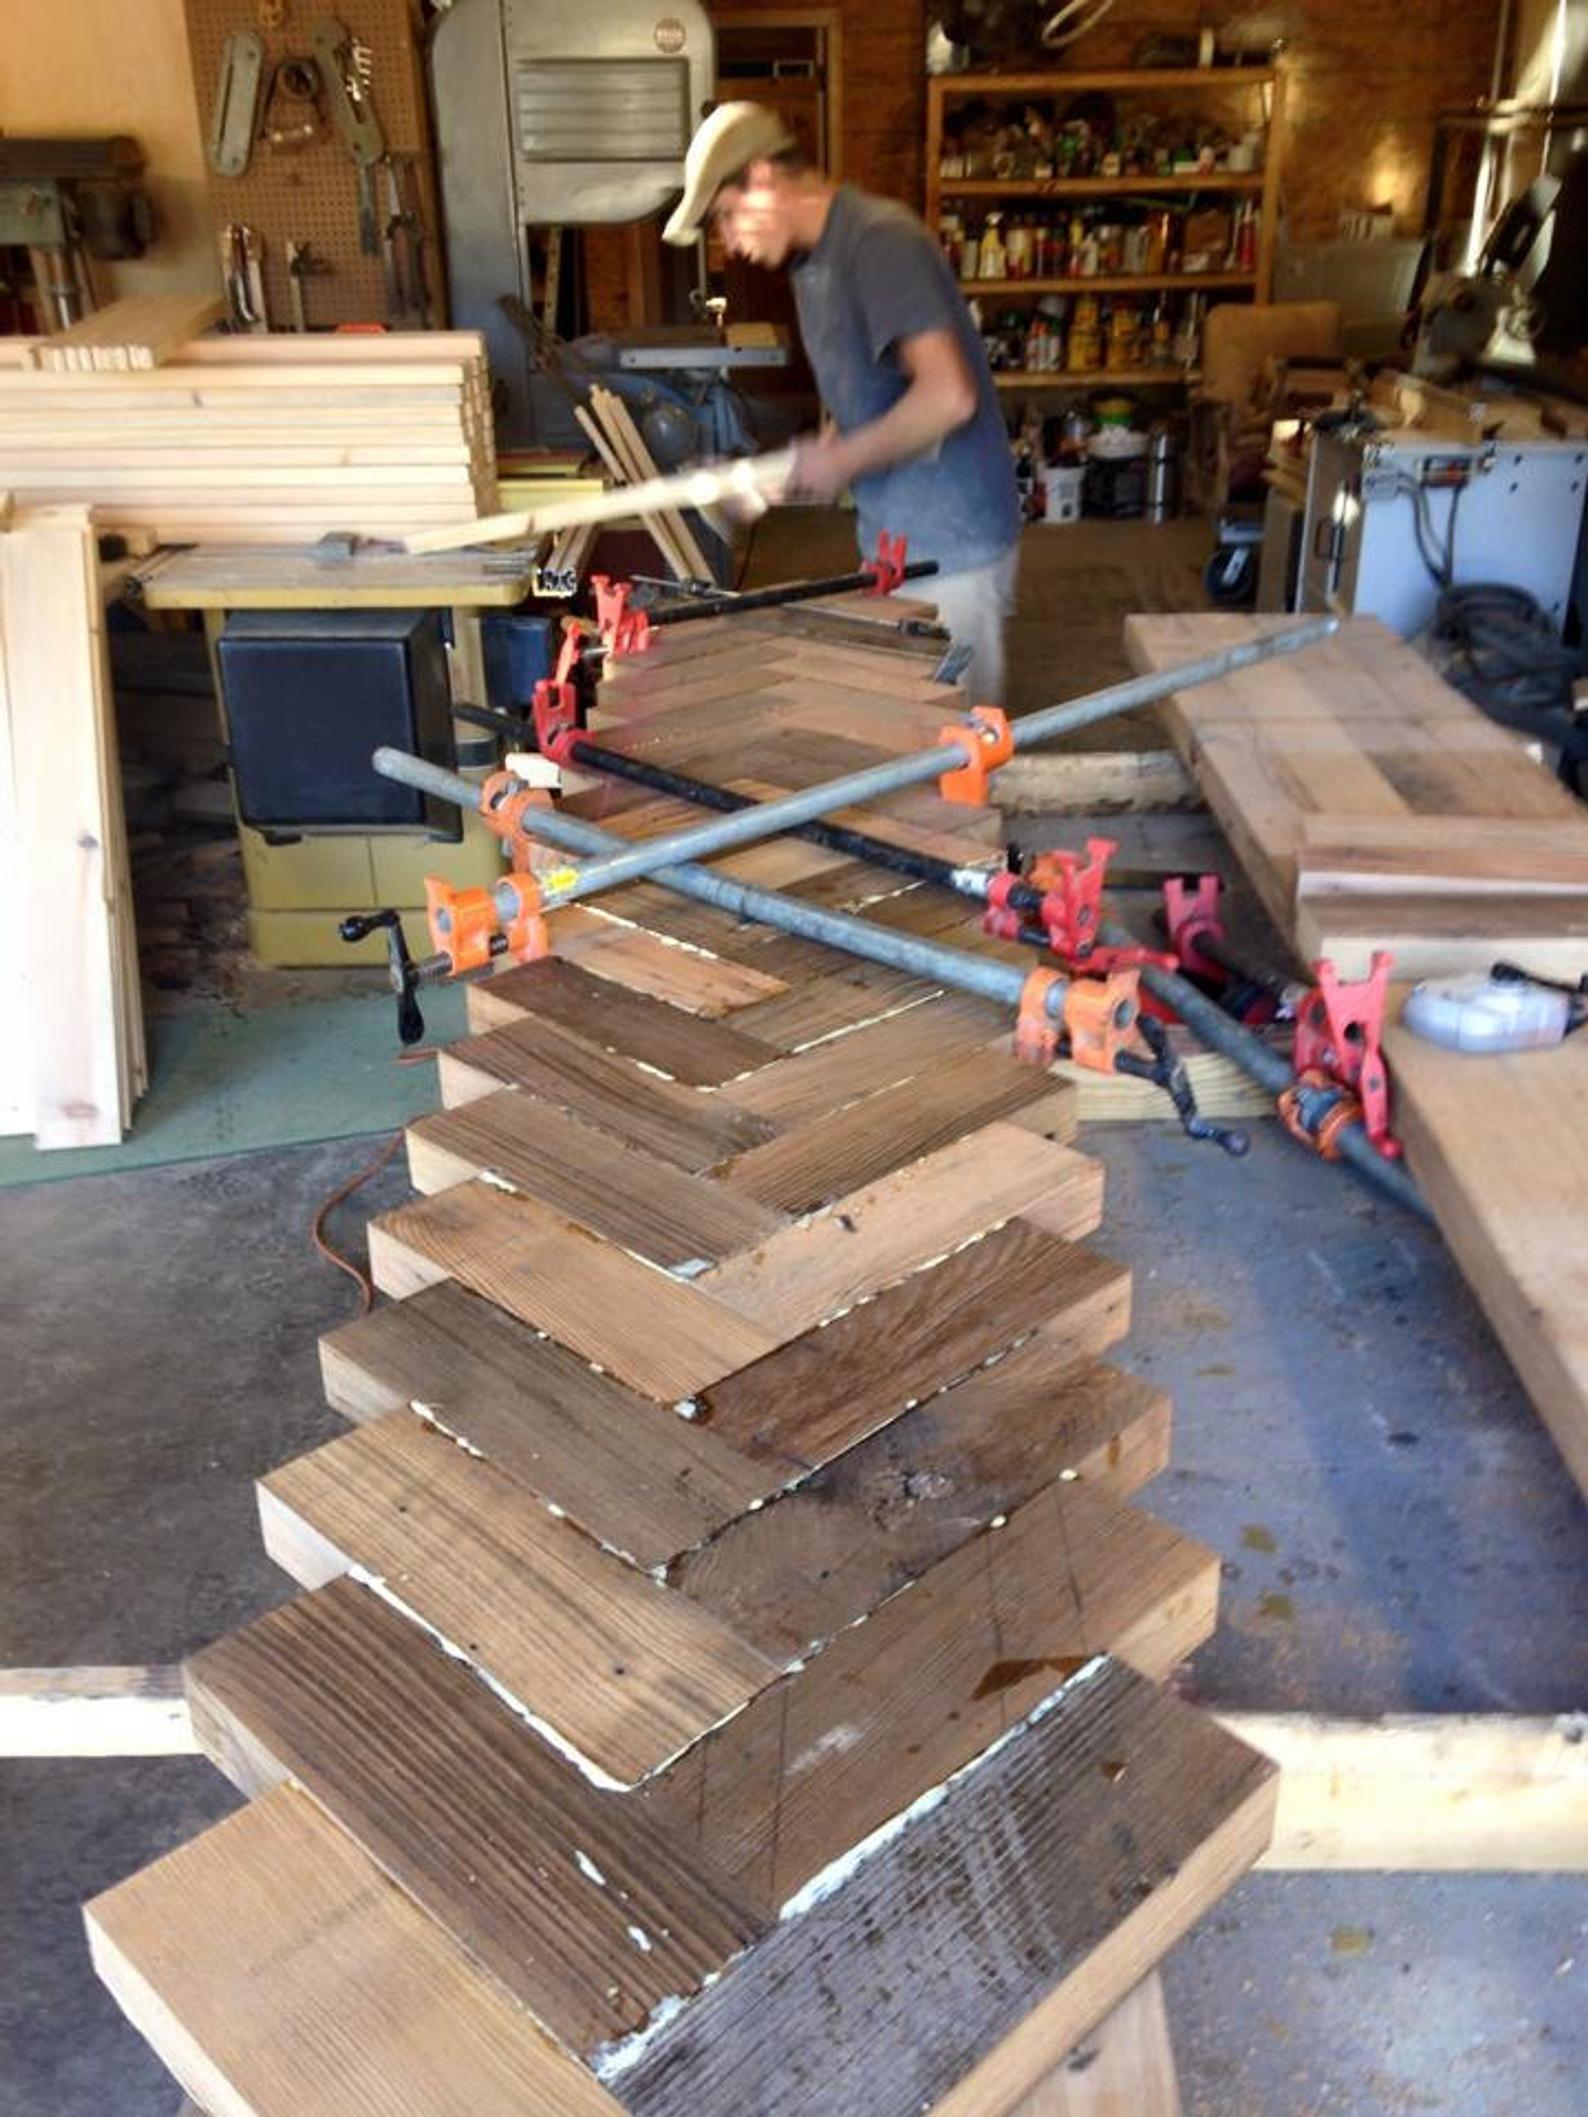 Aufgearbeiteten Holz Tischplatte Holz Tischplatte Bar Oben Arbeitsplatte Massgeschneiderte Mobel Handgefertigte Schranke Skaggs Creek Holz Shop Holztischplatte Holzpaletten Mobel Und Diy Tischplatte